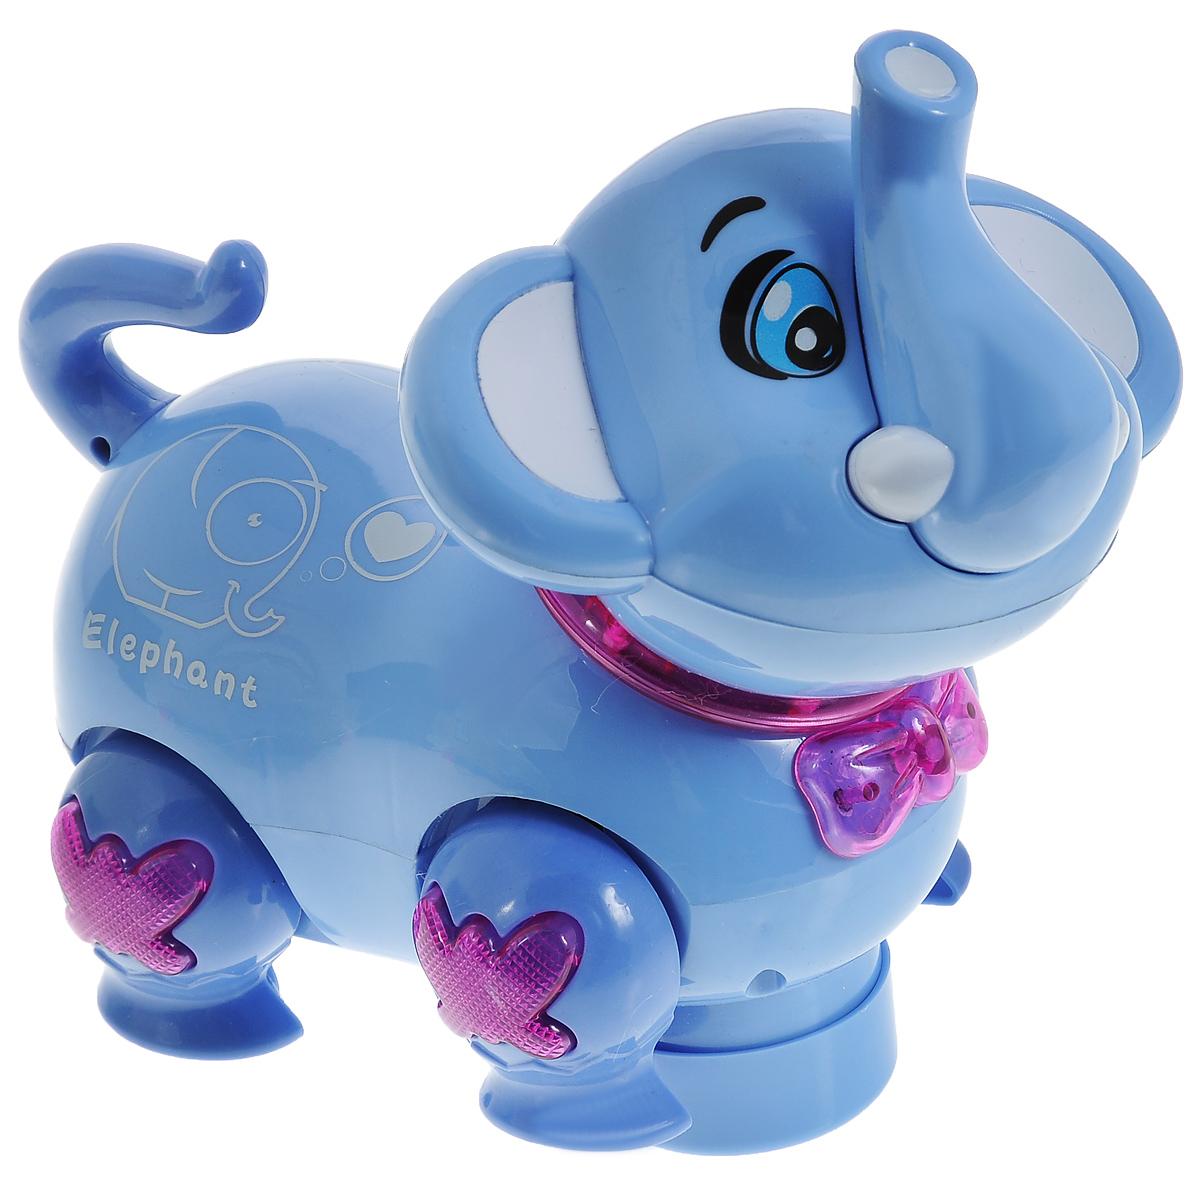 Игрушка Mioshi Active Зверята: Слоненок, цвет: голубойMAC0303-004Многофункциональная игрушка Mioshi Active Зверята: Слоненок со звуковыми и световыми эффектами - это отличный подарок для ребенка! При каждом движении слоненка активируются свето-звуковые эффекты, звучит приятная для слуха мелодичная песенка. При столкновении с препятствием слоненок меняет направление движения. Выполненная в приятной цветовой гамме, игрушка имеет разнообразные интерактивные элементы, которые стимулируют развитие зрительного, слухового и тактильного восприятия ребенка. Для работы требуются 3 батарейки AА (не входят в комплект).